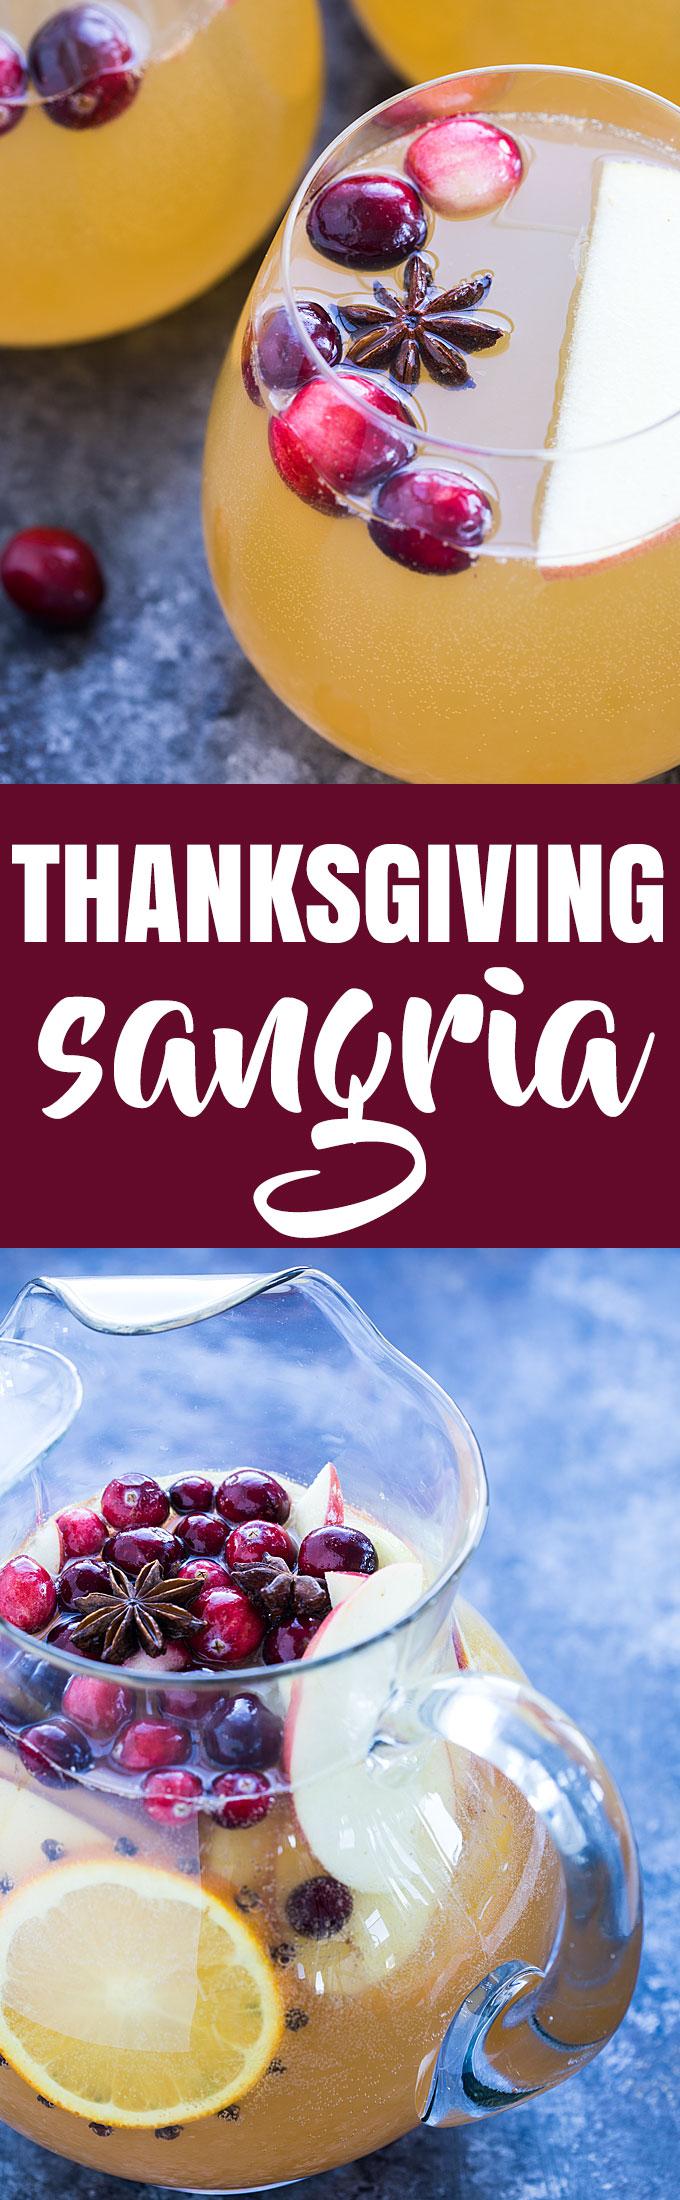 Thanksgiving Sangria